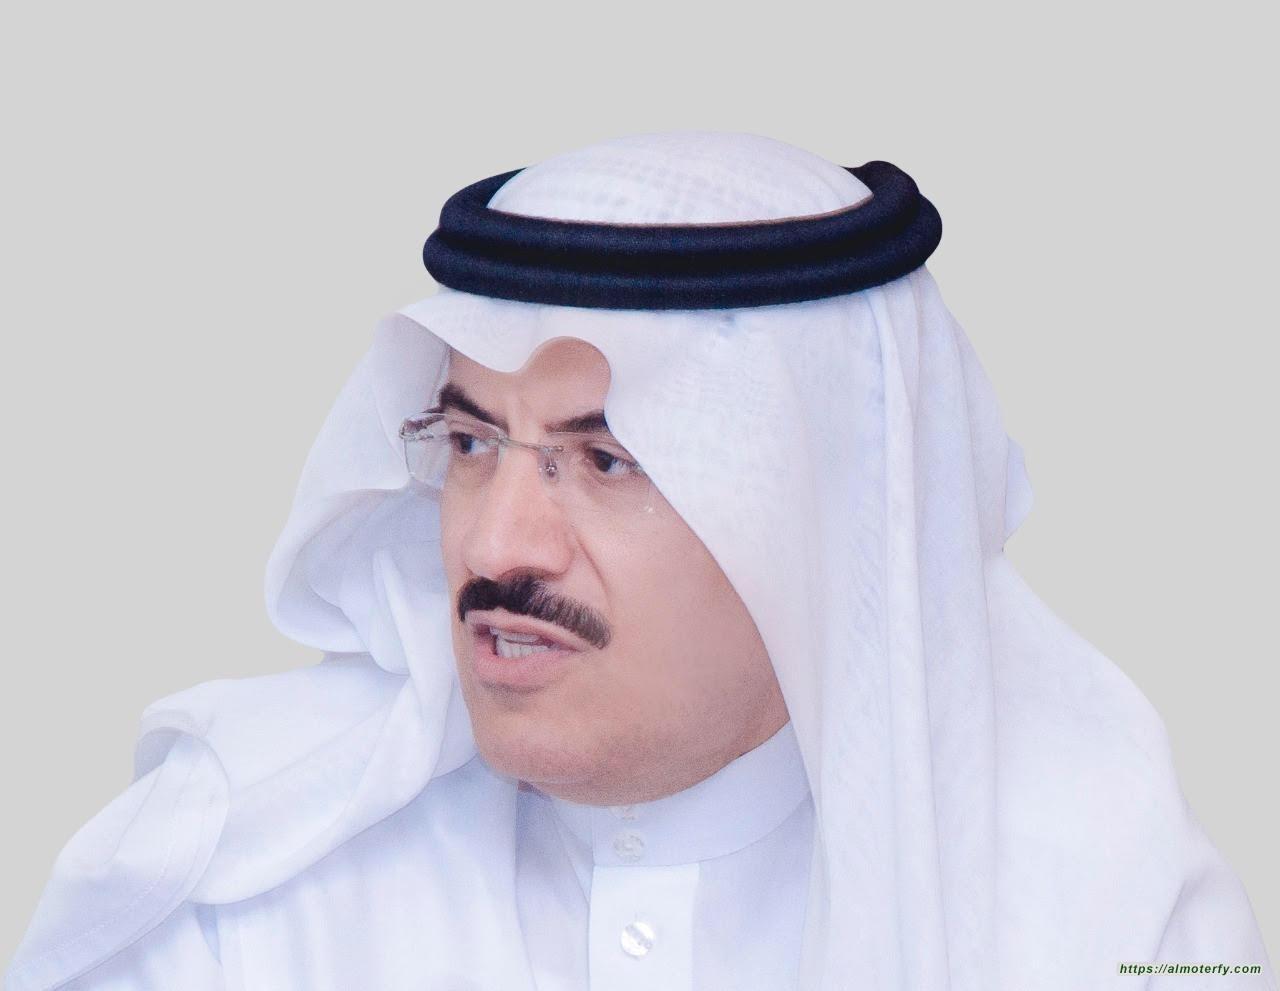 الأمين العام للاتحاد يشيد بمشروع خدمة المواعيد للشاحنات في المنافذ البريه في المملكة